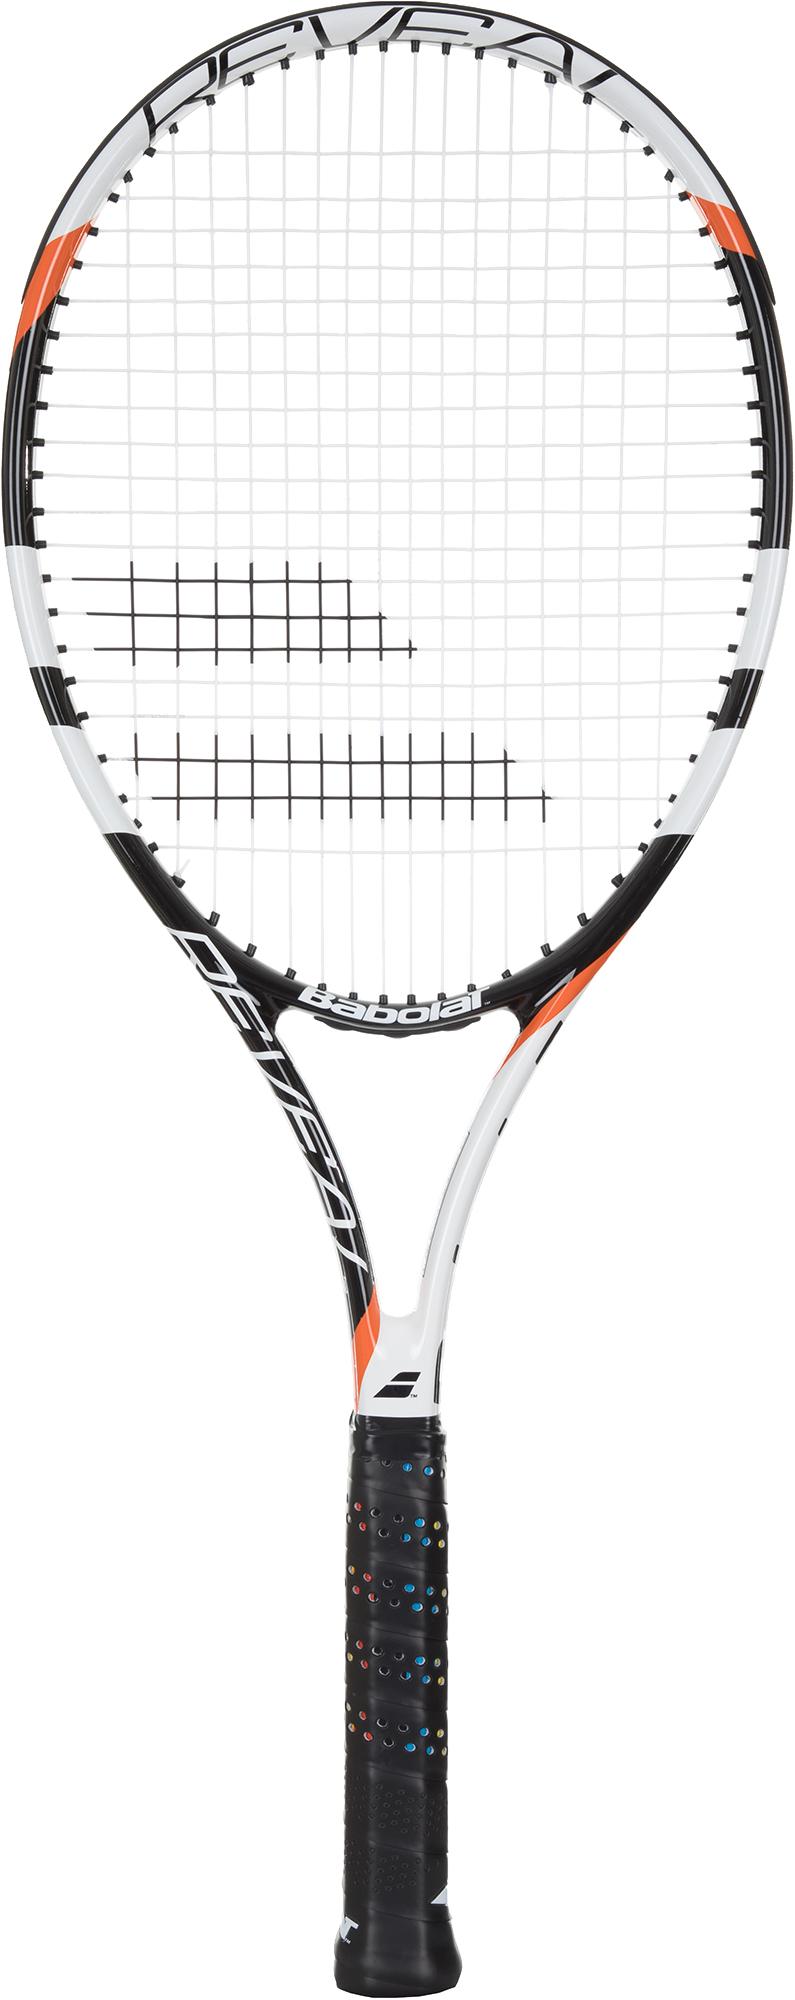 Babolat Ракетка для большого тенниса Babolat Reveal, размер 3 babolat набор мячей для большого тенниса babolat red foam x3 размер без размера